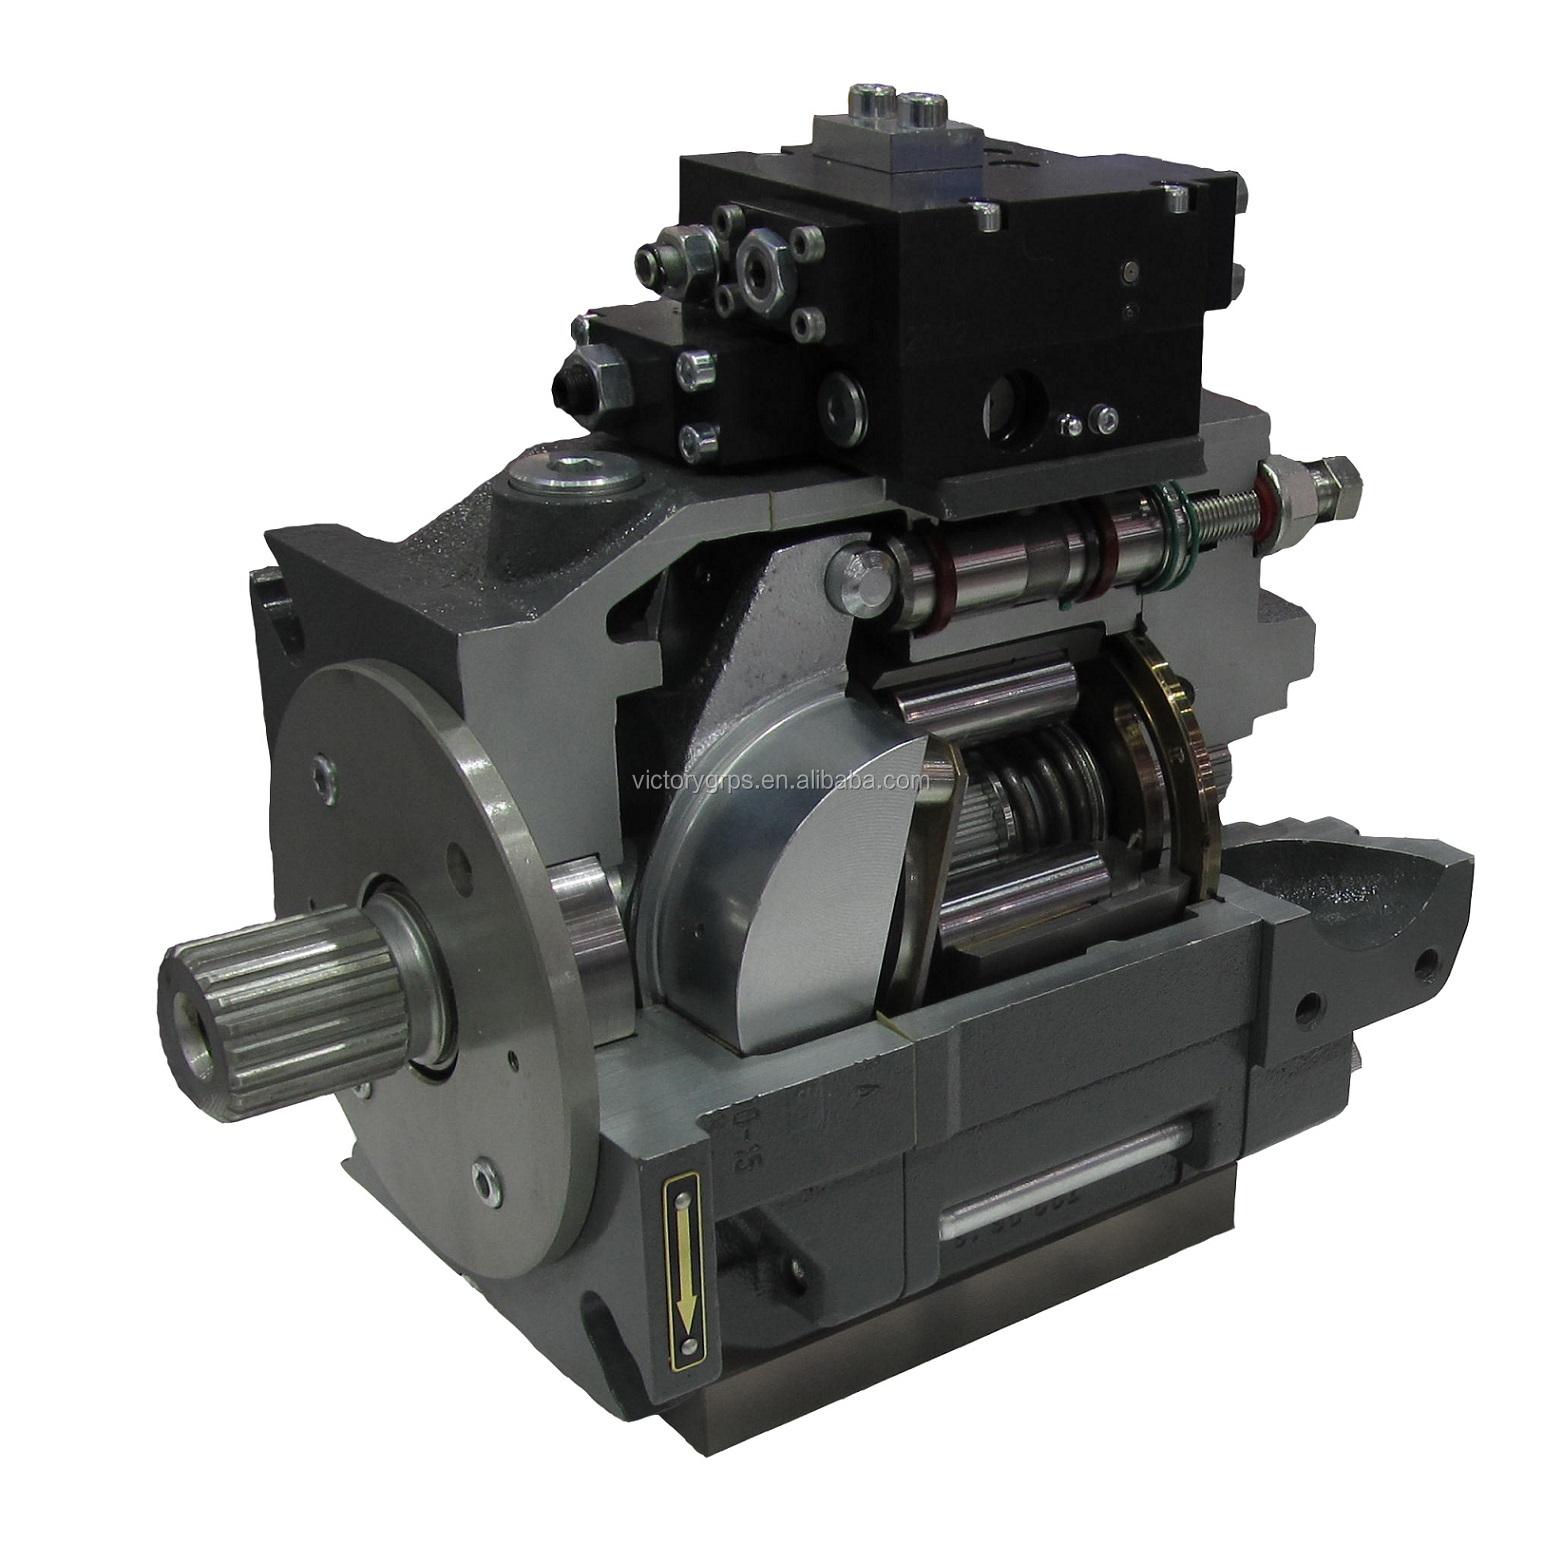 In-line V30D V30E of V30 and V60N V90N Piston Volvo Hydraulic Hawe Pump